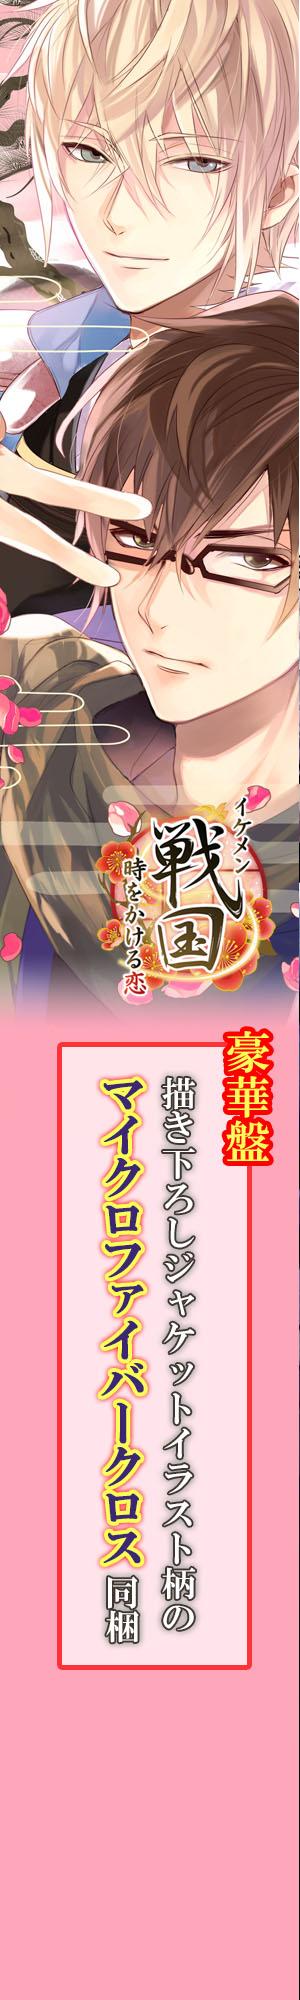 「イケメン戦国 ◆ 時をかける恋」キャラクターソング&ドラマCD